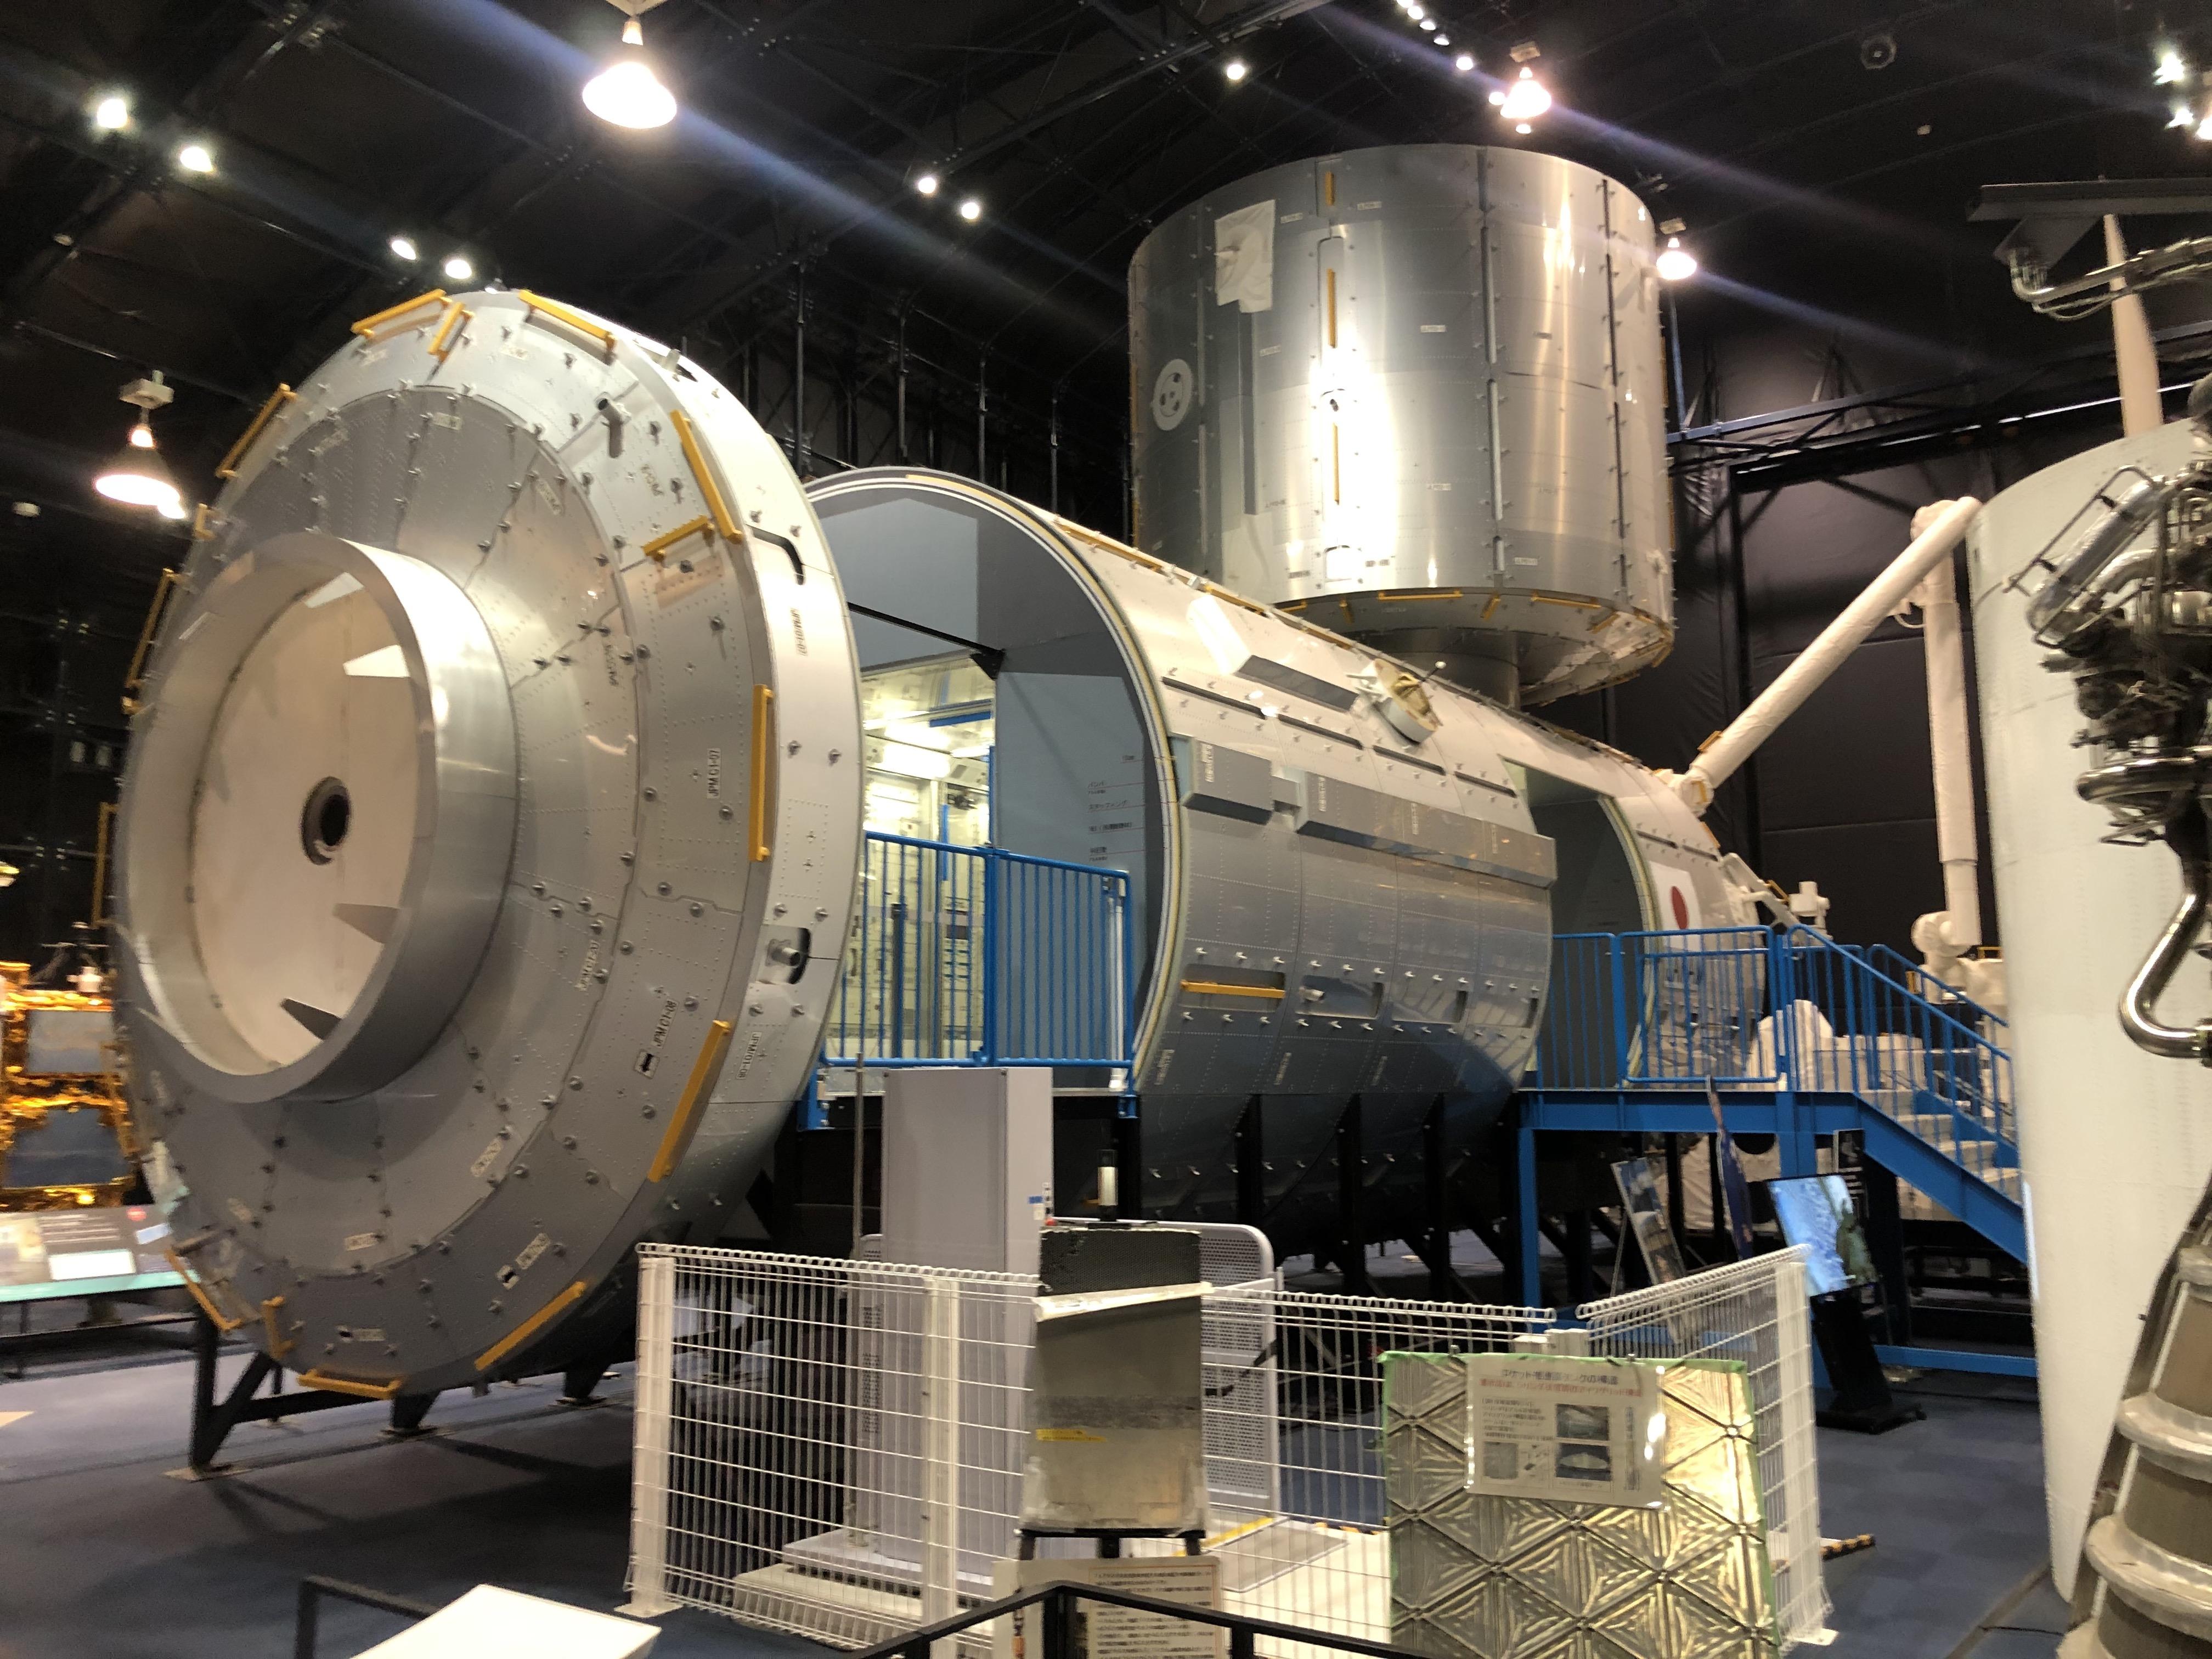 """Modelo a escala del Módulo de Investigación """"Kibo"""" de la Estación Espacial Internacional, ubicado en el Centro Espacial de JAXA en Tsukuba, Japón. En este lugar se preparará al Quetzal-1 previo a ser lanzado a su órbita en abril próximo. (Foto Prensa Libre: Daniel Guillén Flores)"""